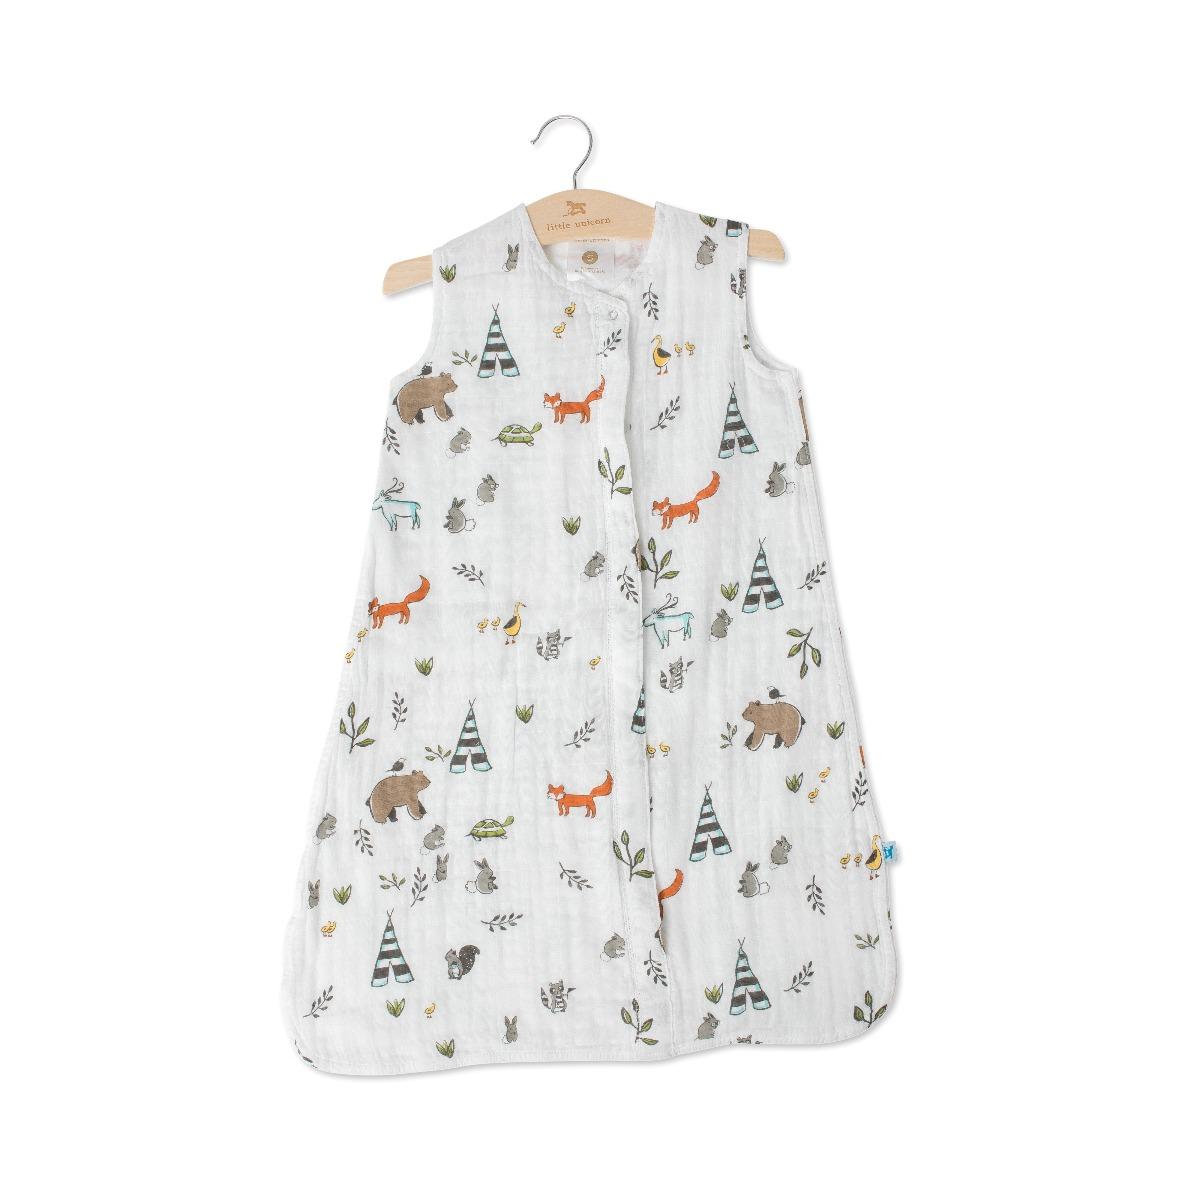 Little Unicorn Cotton Muslin Sleep Bag Small Forest Friends